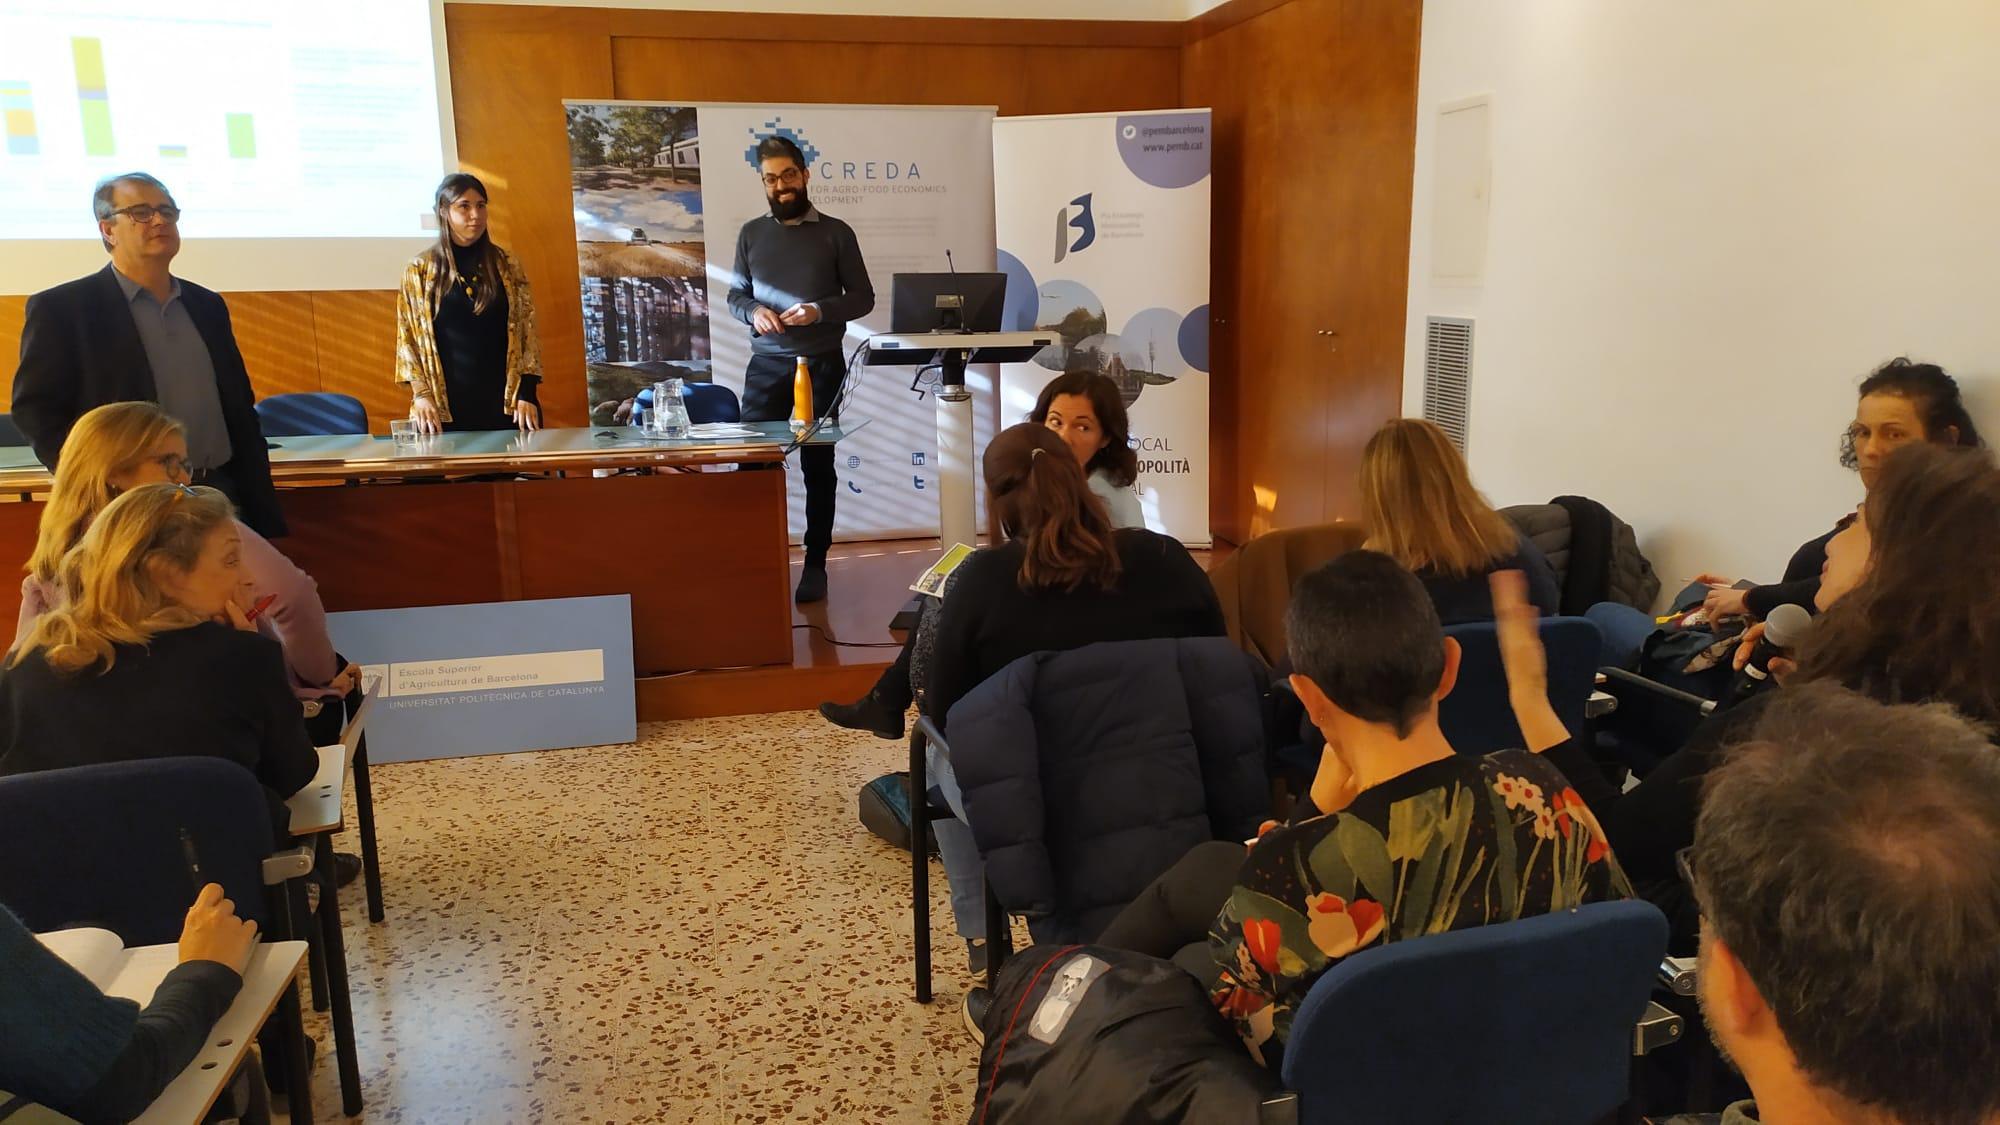 Berta Vidal, encarregada de l'estudi amb Fabio de Menna, de la Universitat de Bolonya, i José Maria Gil, director del CREDA